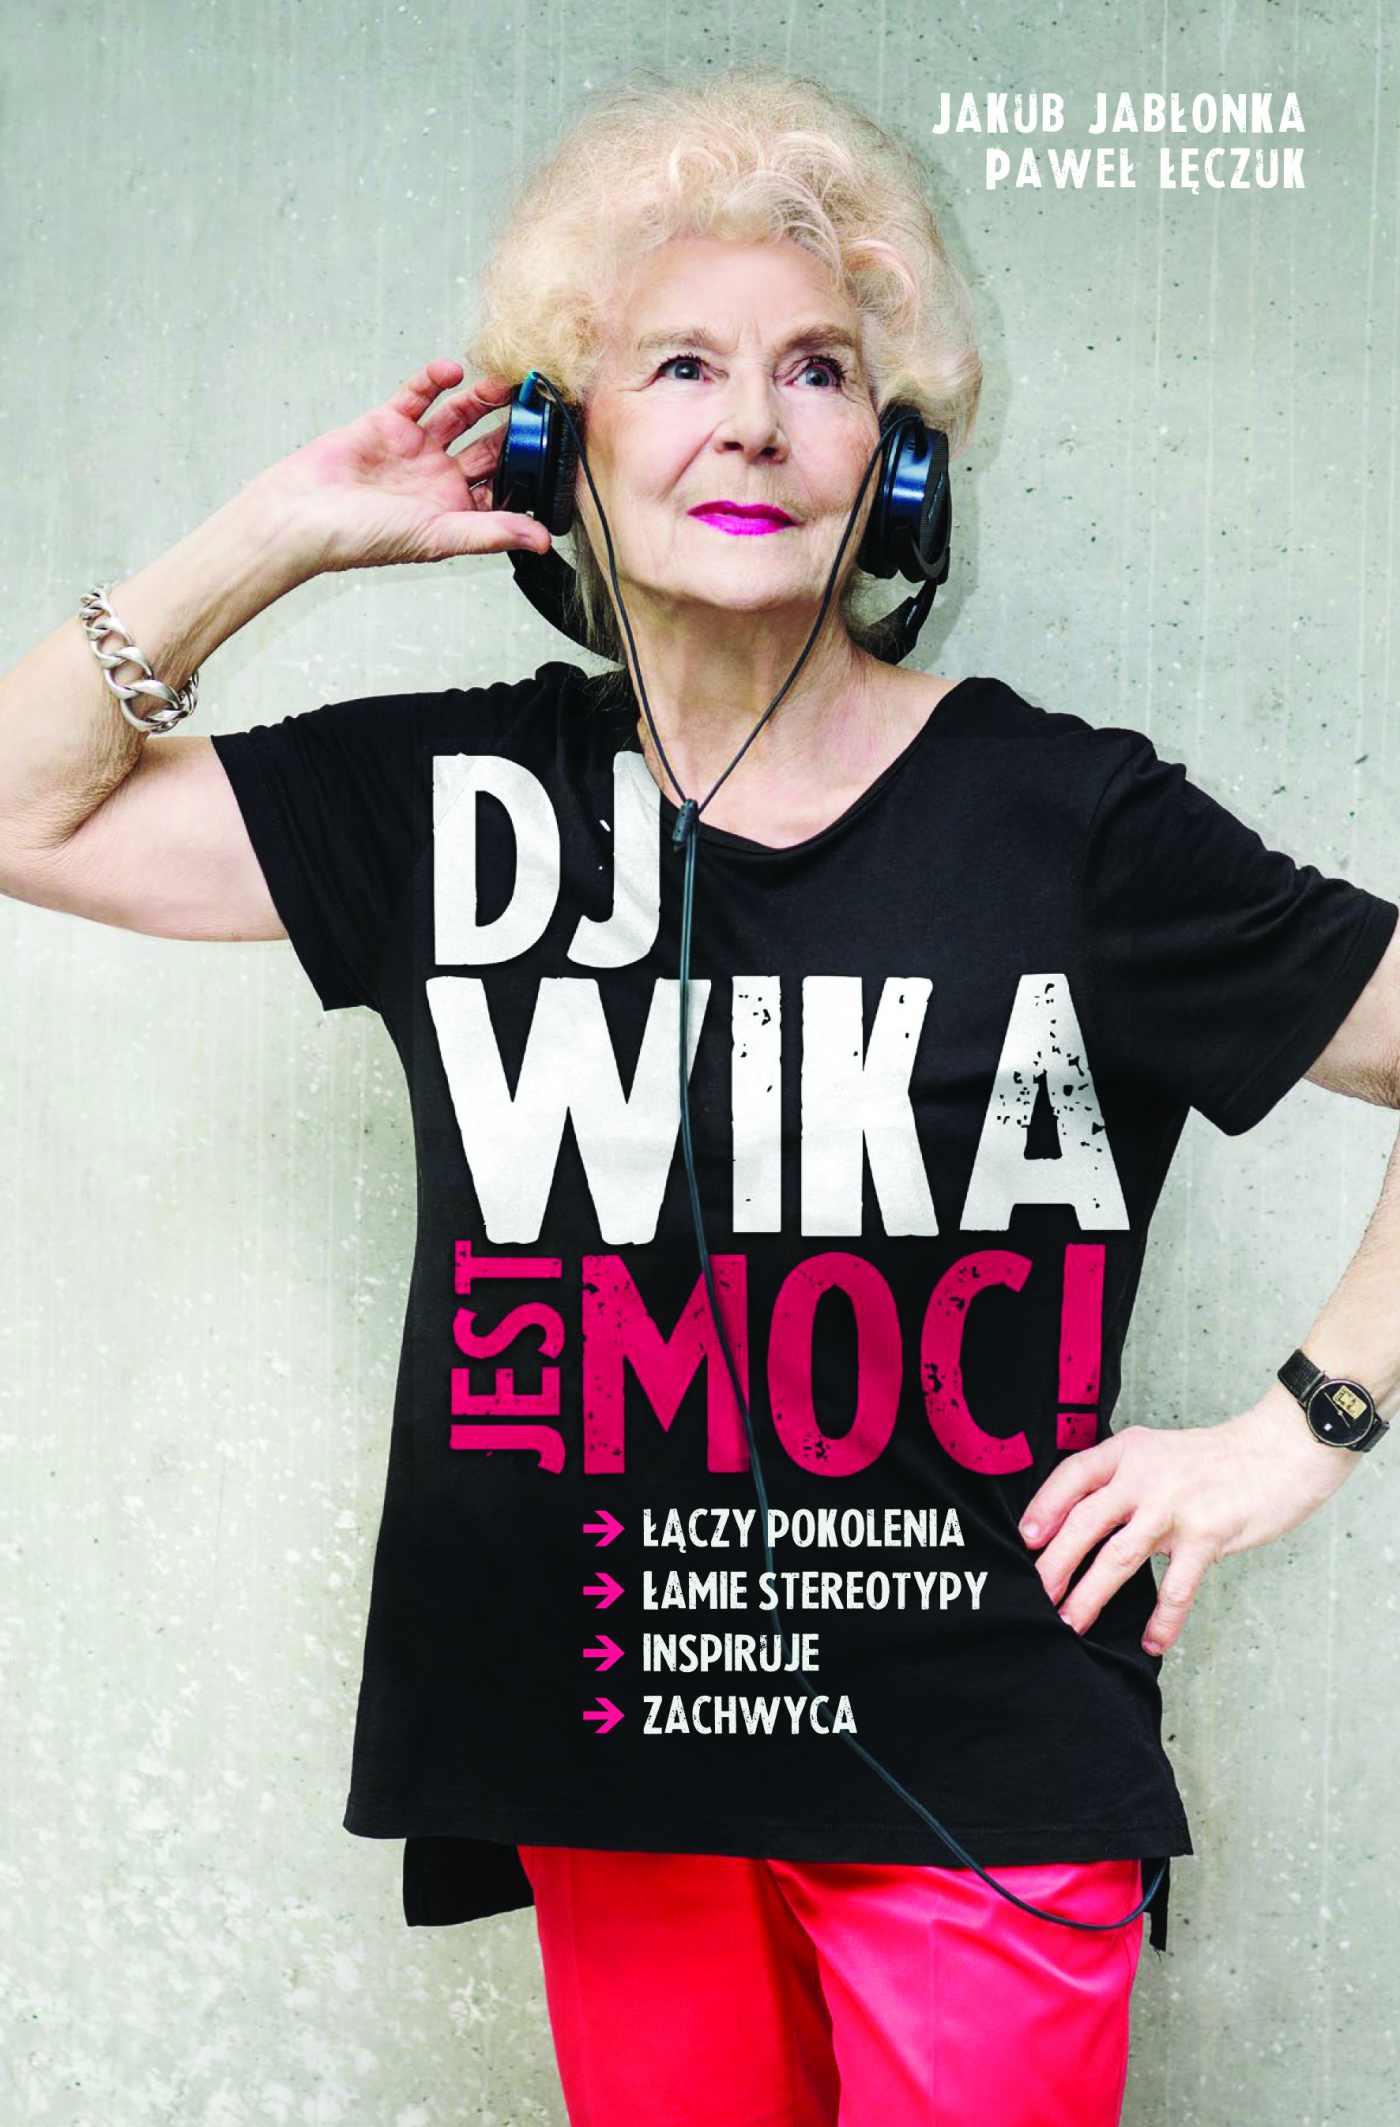 DJ Wika, Jest moc! - Ebook (Książka EPUB) do pobrania w formacie EPUB